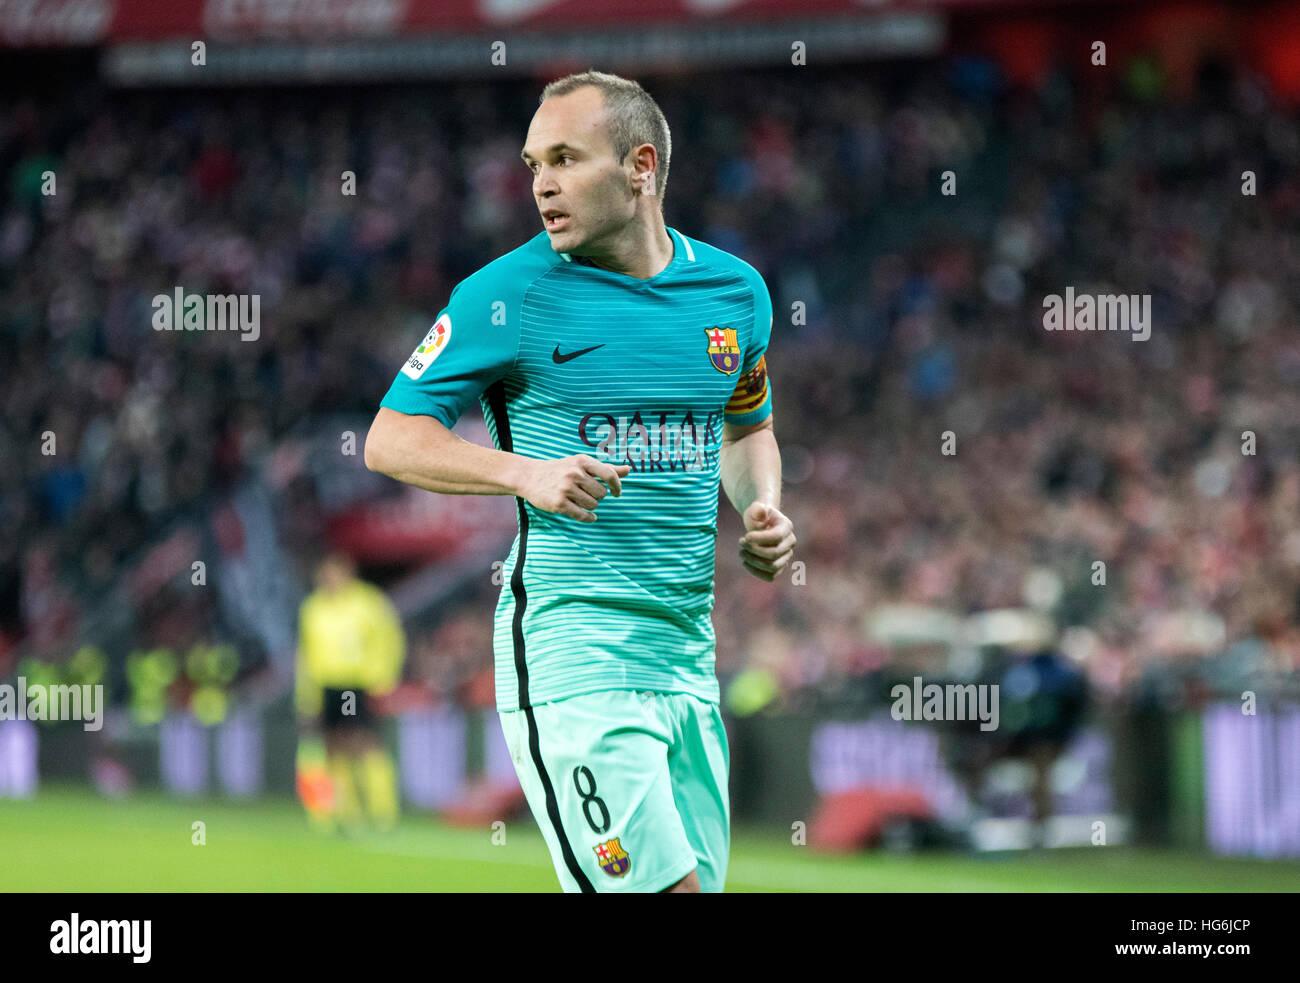 Bilbao Spain 5th January 2017 Andres Iniesta Mildfierder FC